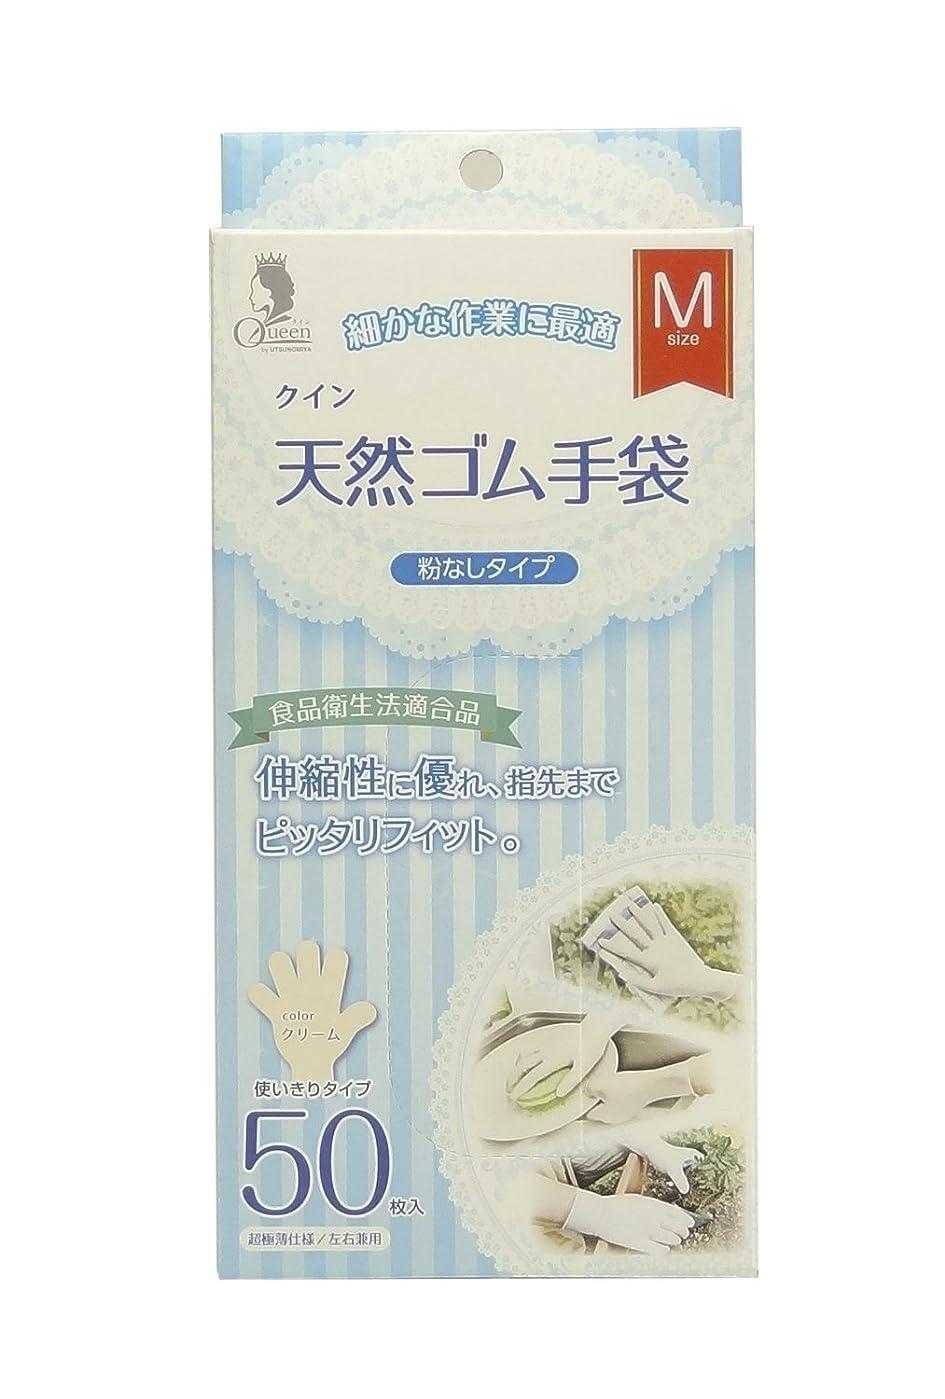 に対応する愛されし者であること宇都宮製作 クイン 天然ゴム手袋(パウダーフリー) M 50枚